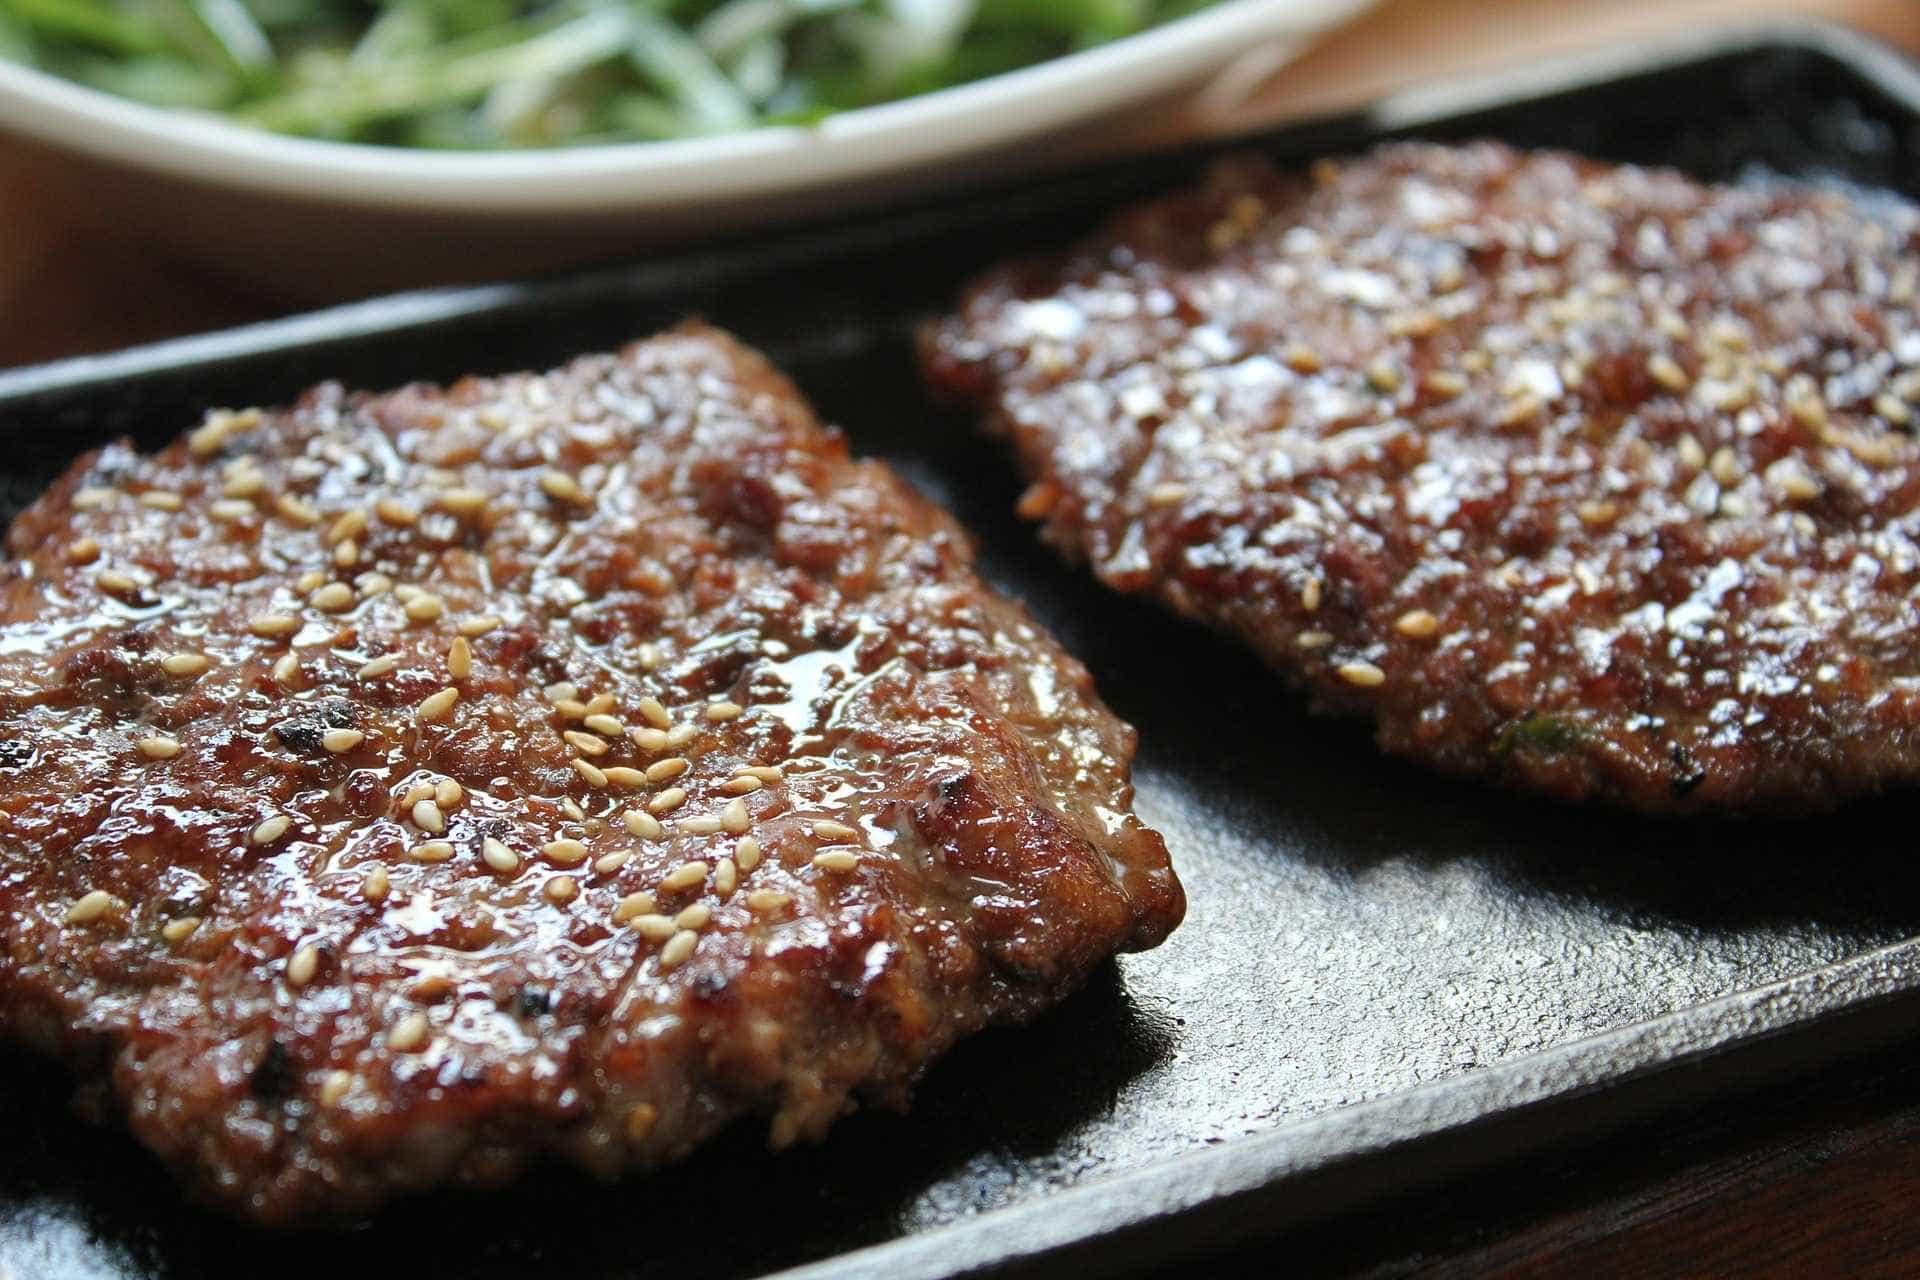 Tamanho exagerado de porções em restaurantes contribui para obesidade